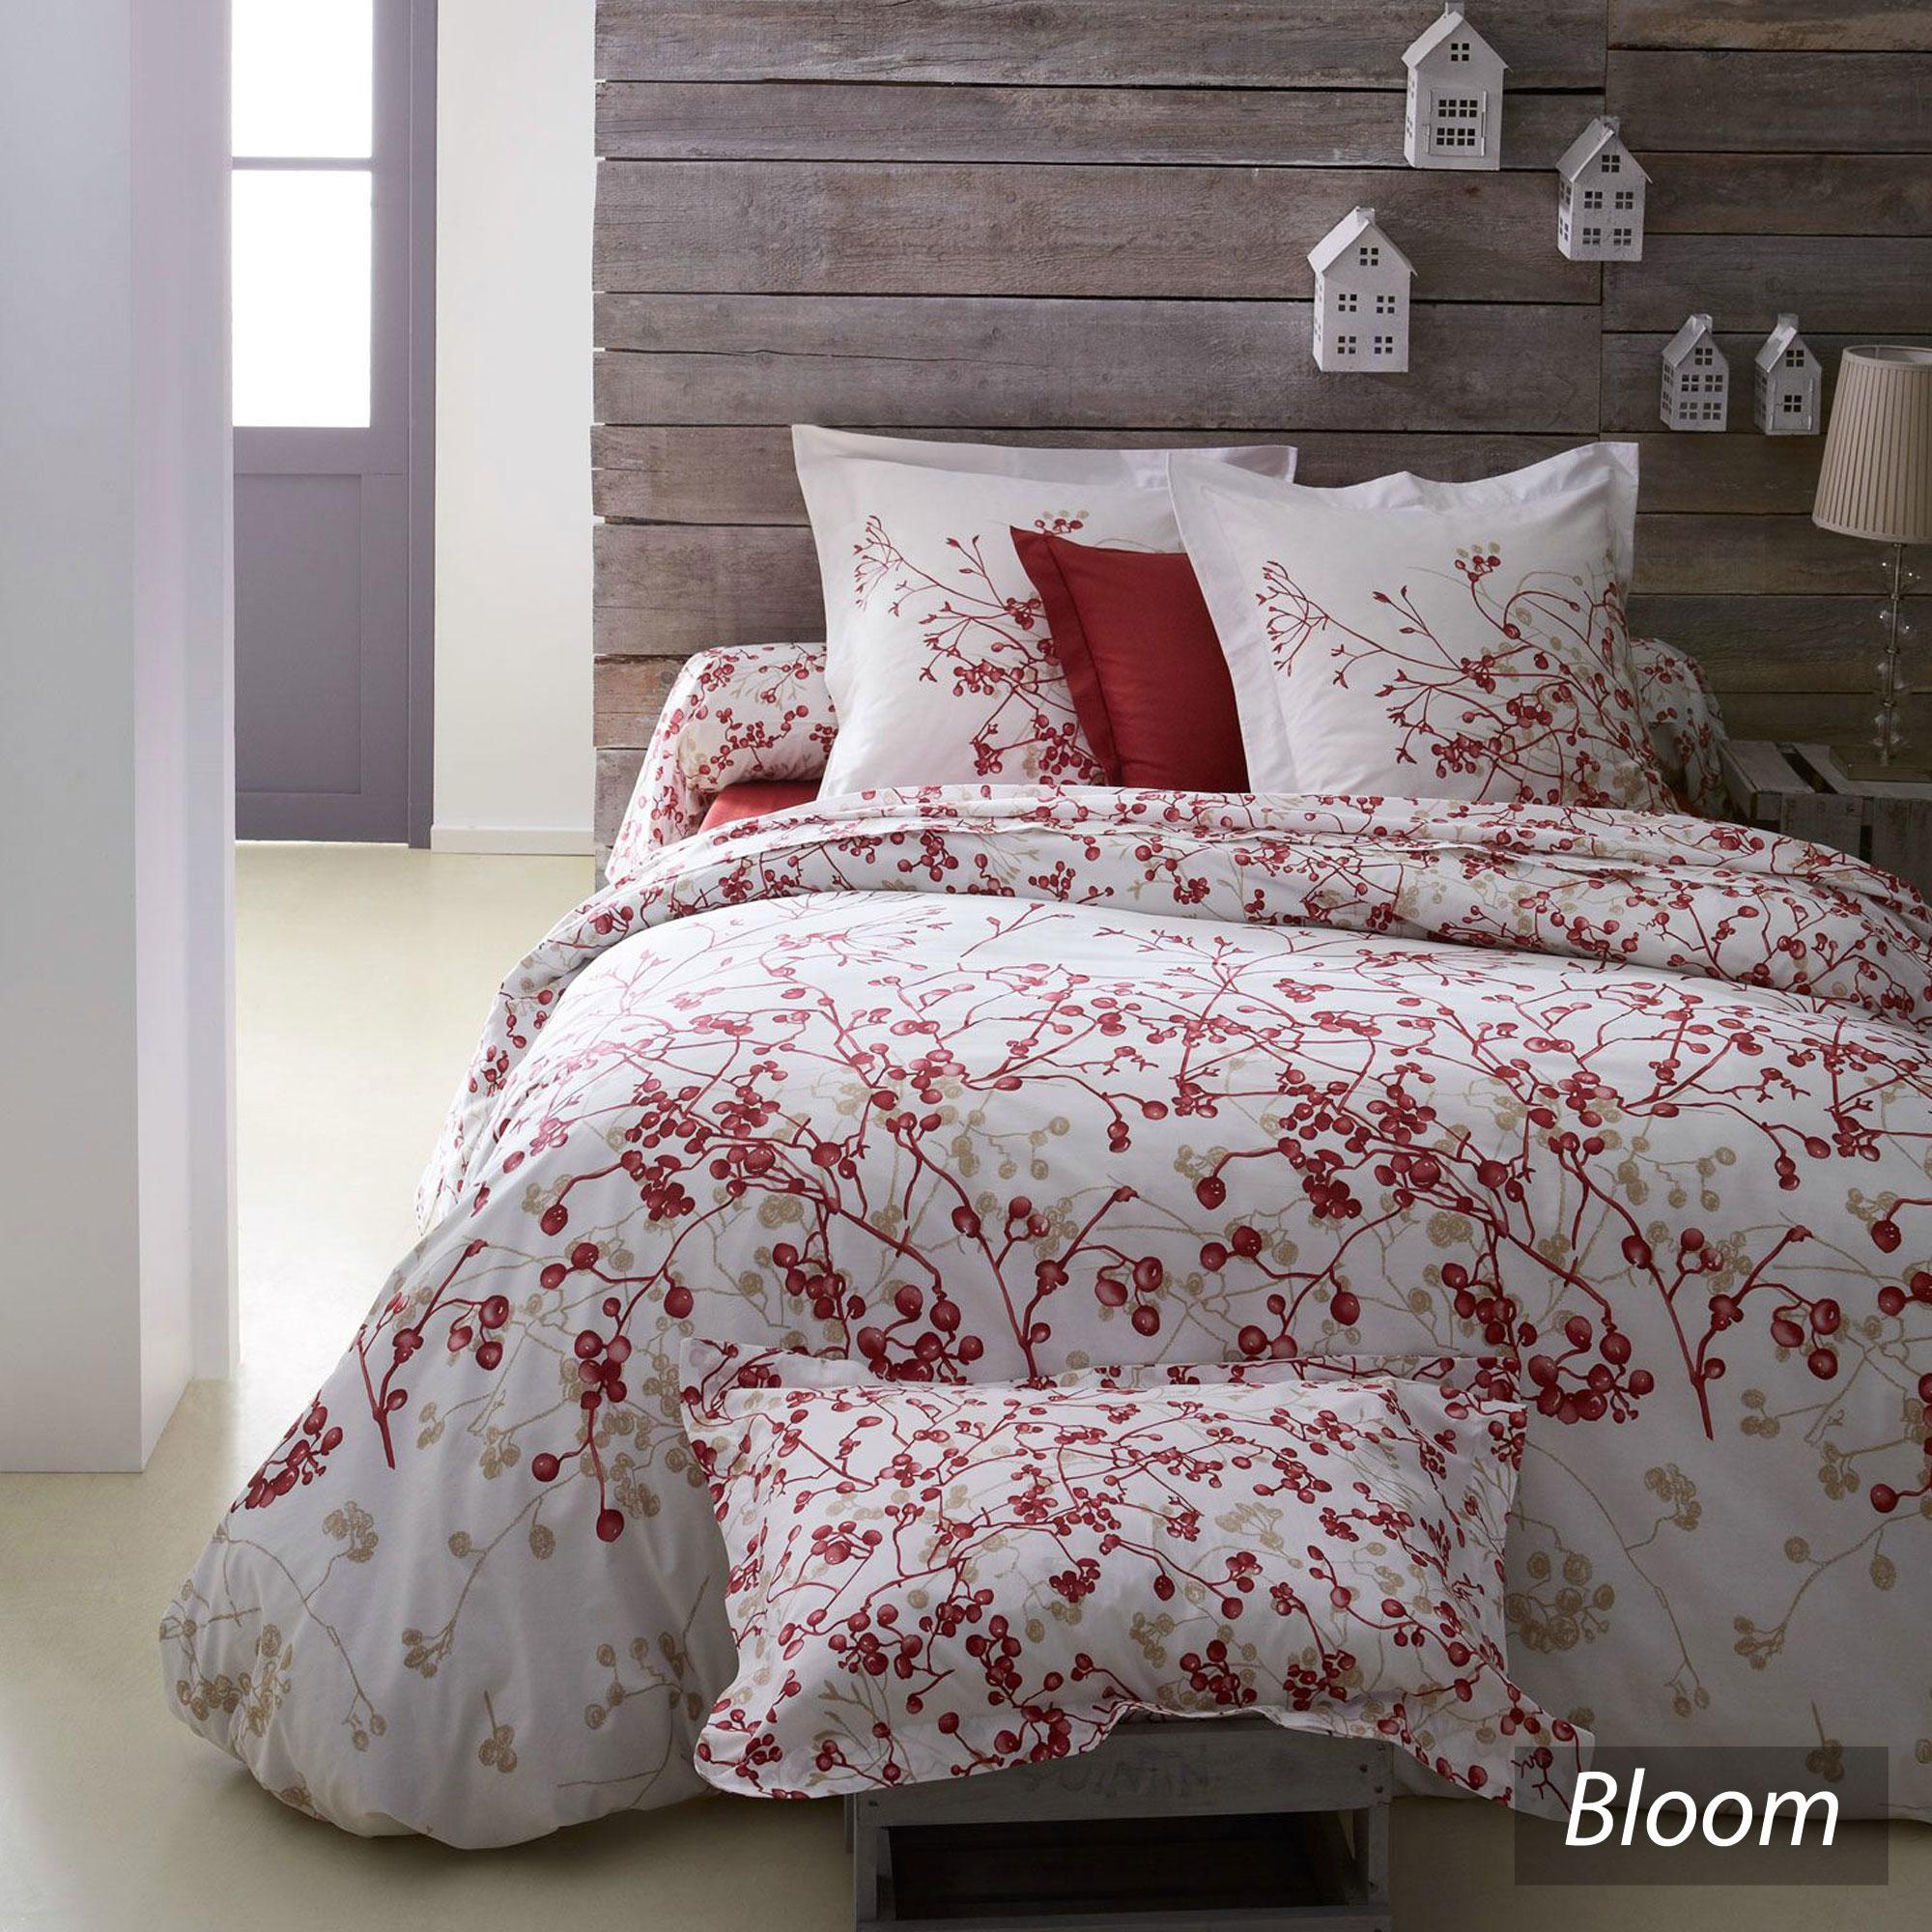 Housse De Couette 300x240 Cm Bloom Linnea Vente De Linge De Maison